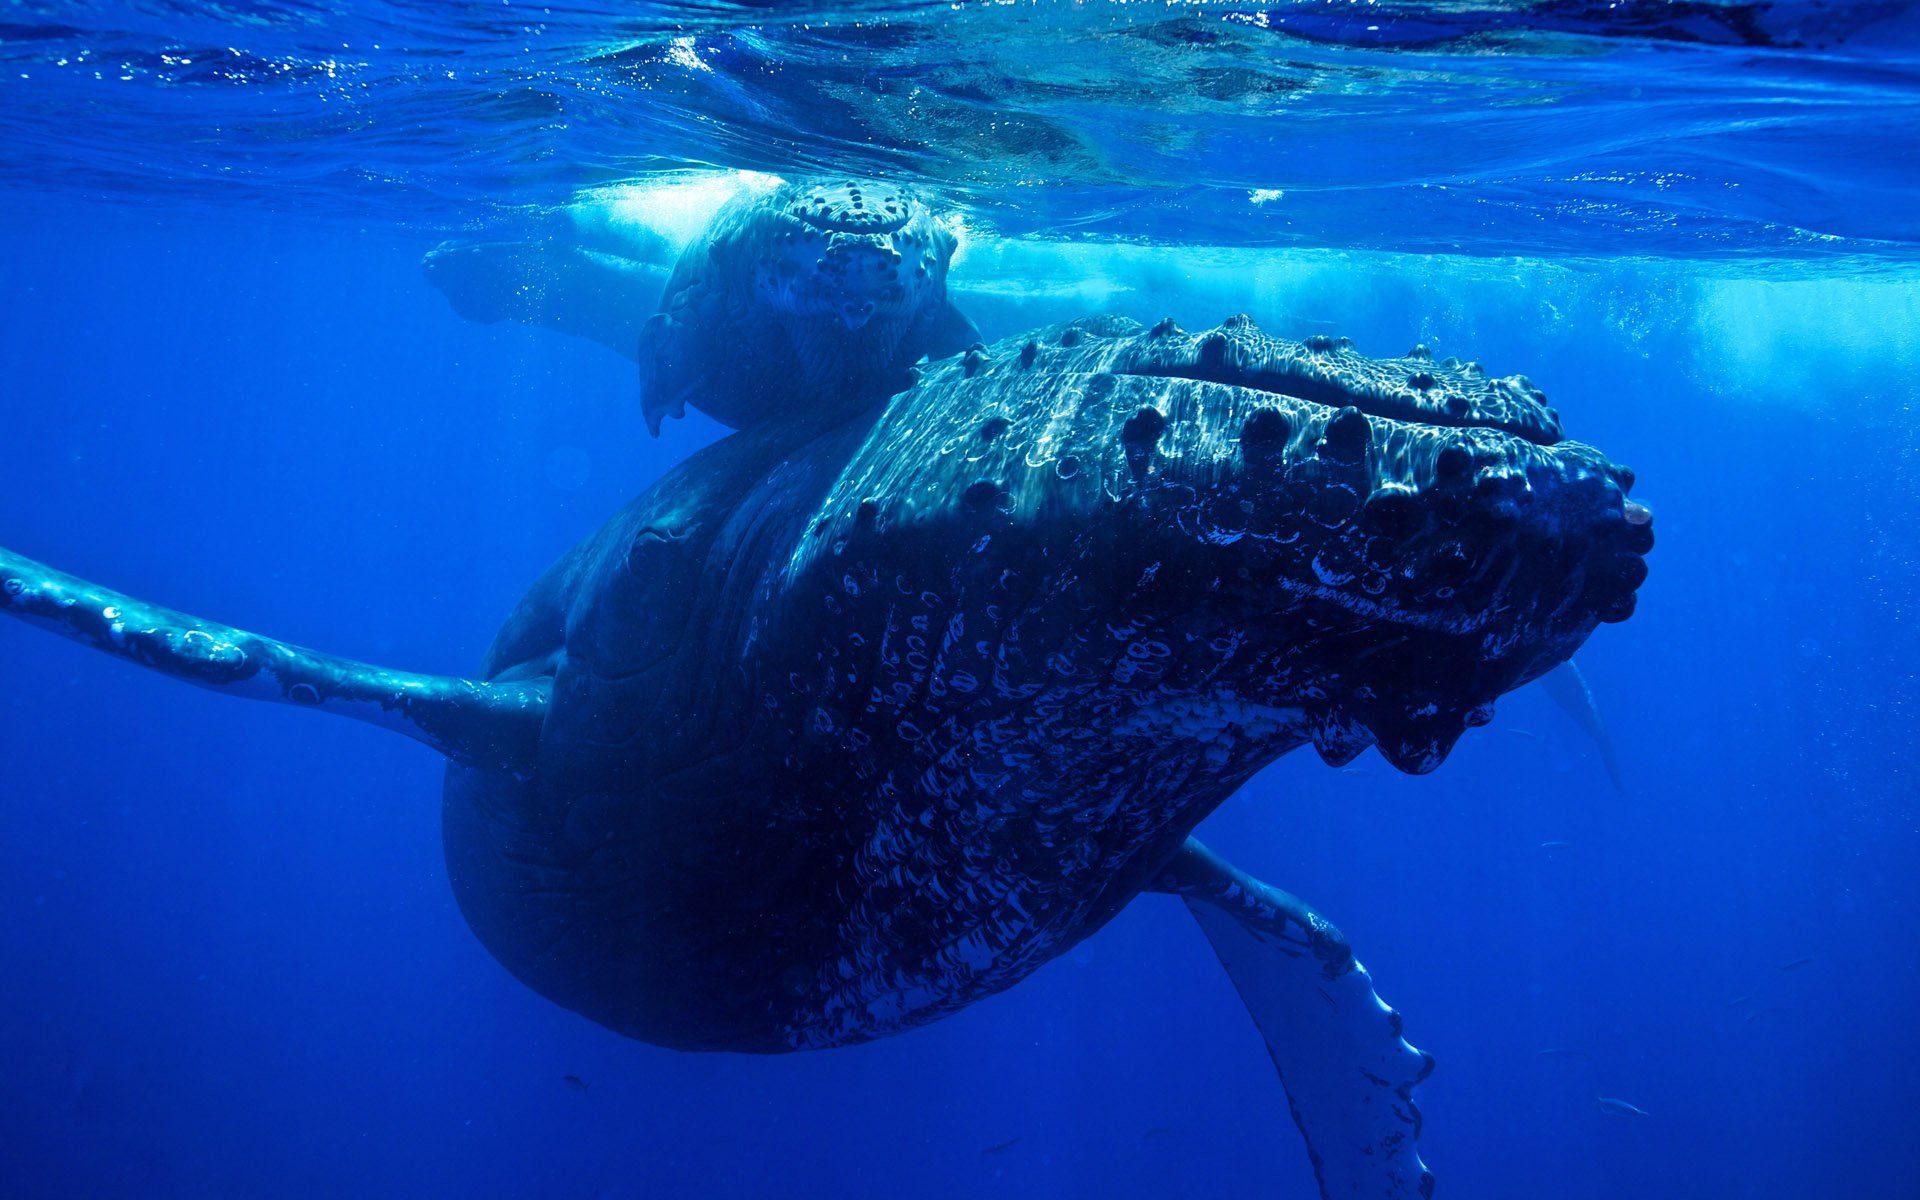 Velryby nadále nakupují bitcoiny, přestože trh pravděpodobně zaznamená silnou korekci